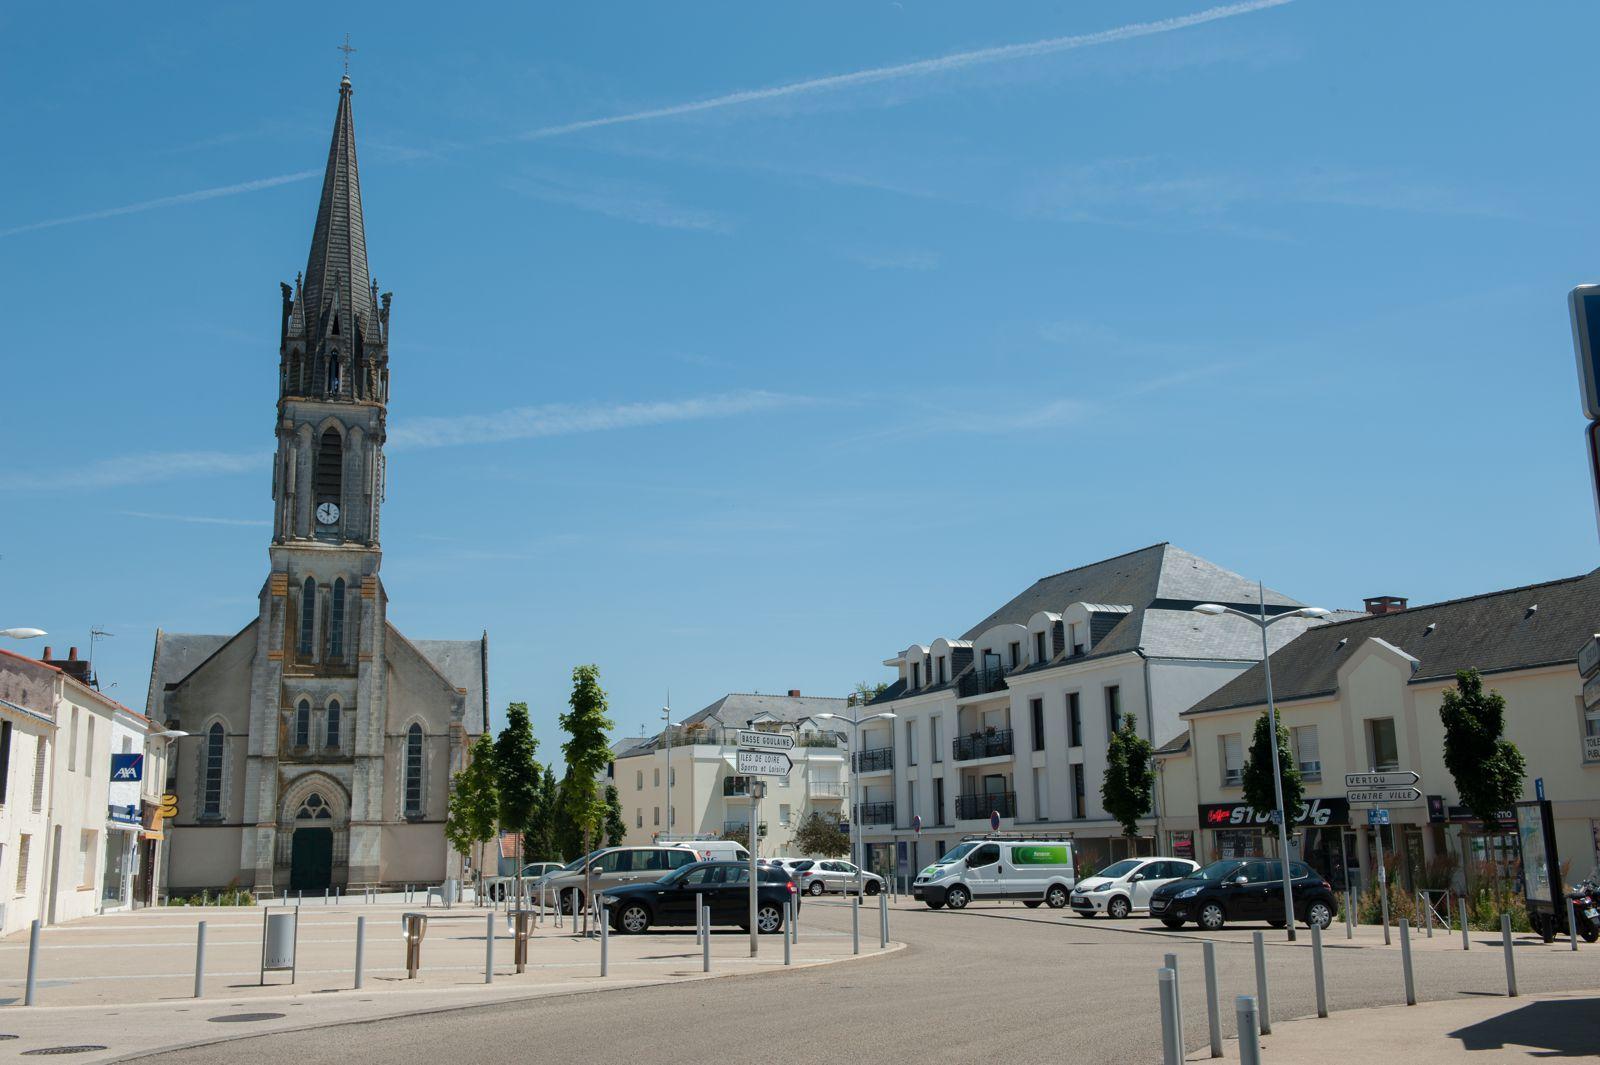 File:Place de l'église de Saint-Sébastien-sur-Loire.jpg - Wikimedia Commons